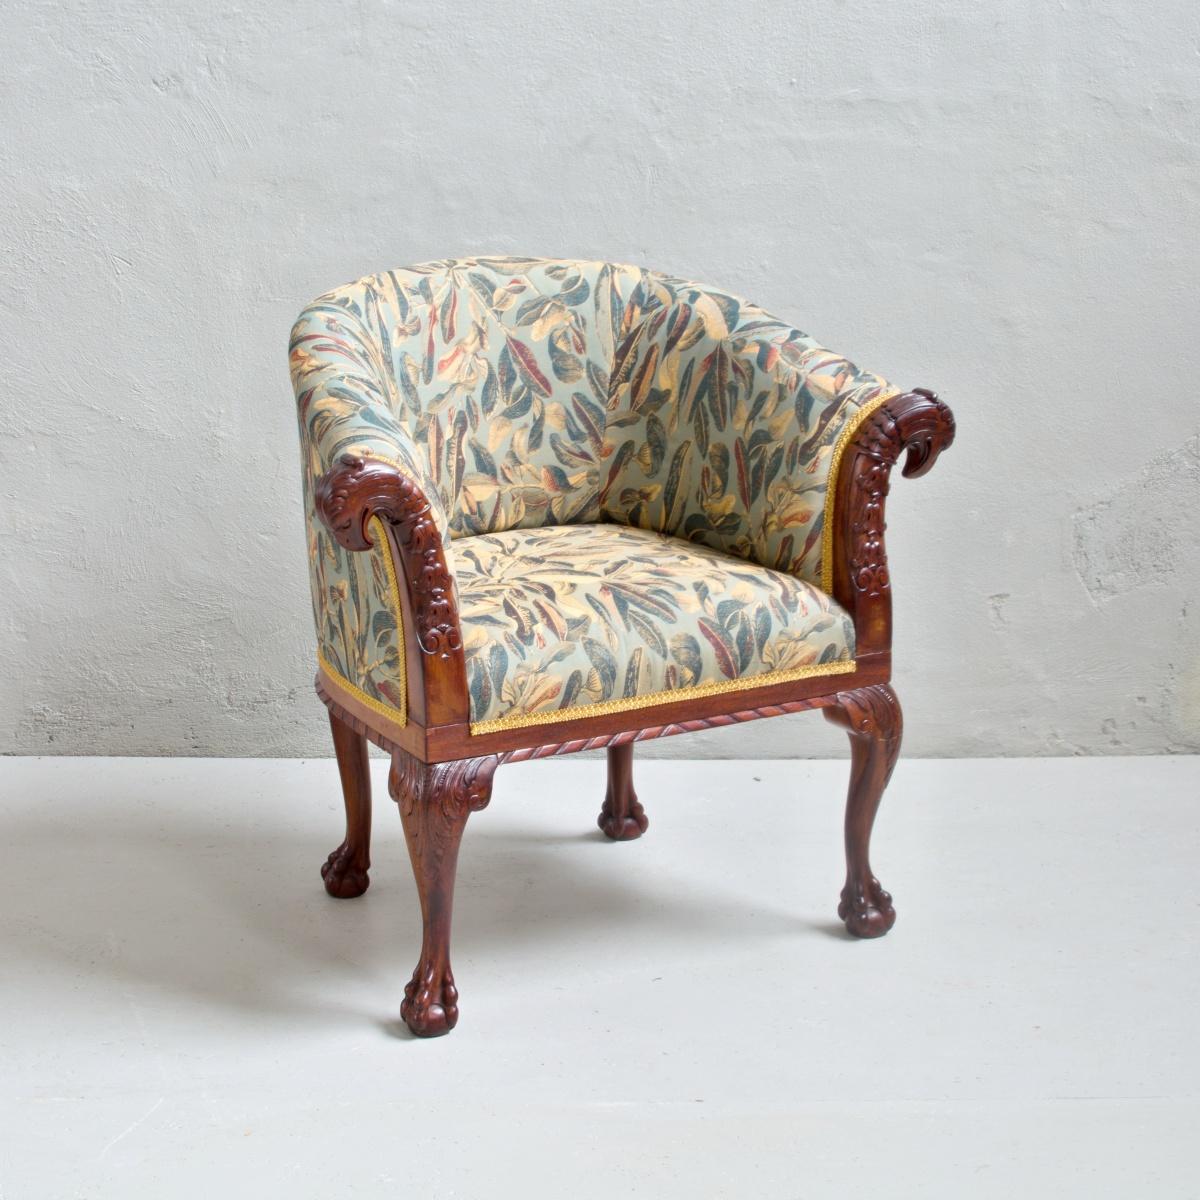 Prodej Vintage nábytku Praha křeslo